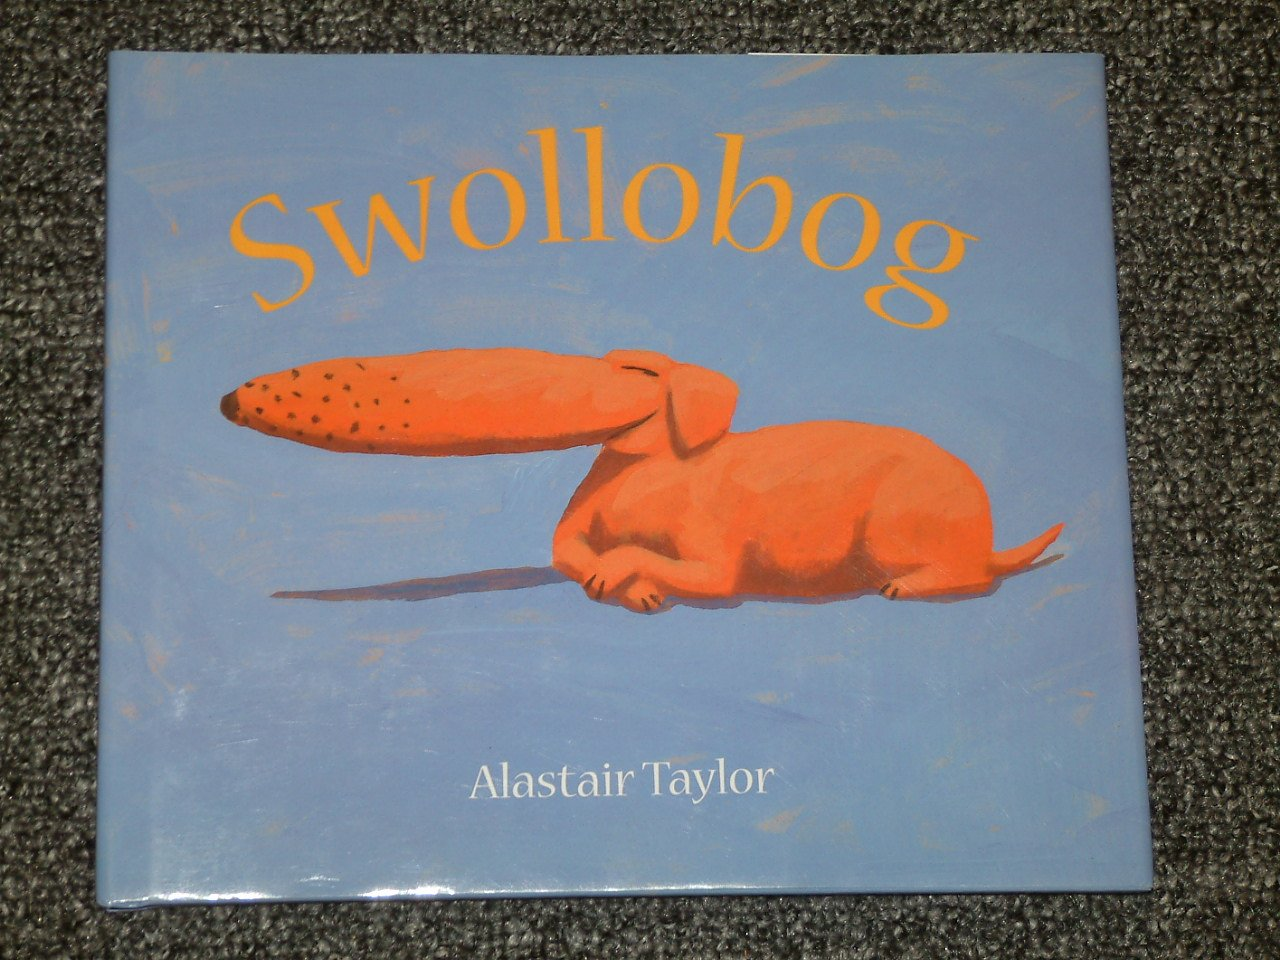 Swollobog by Alastair Taylor 2001 HB DJ